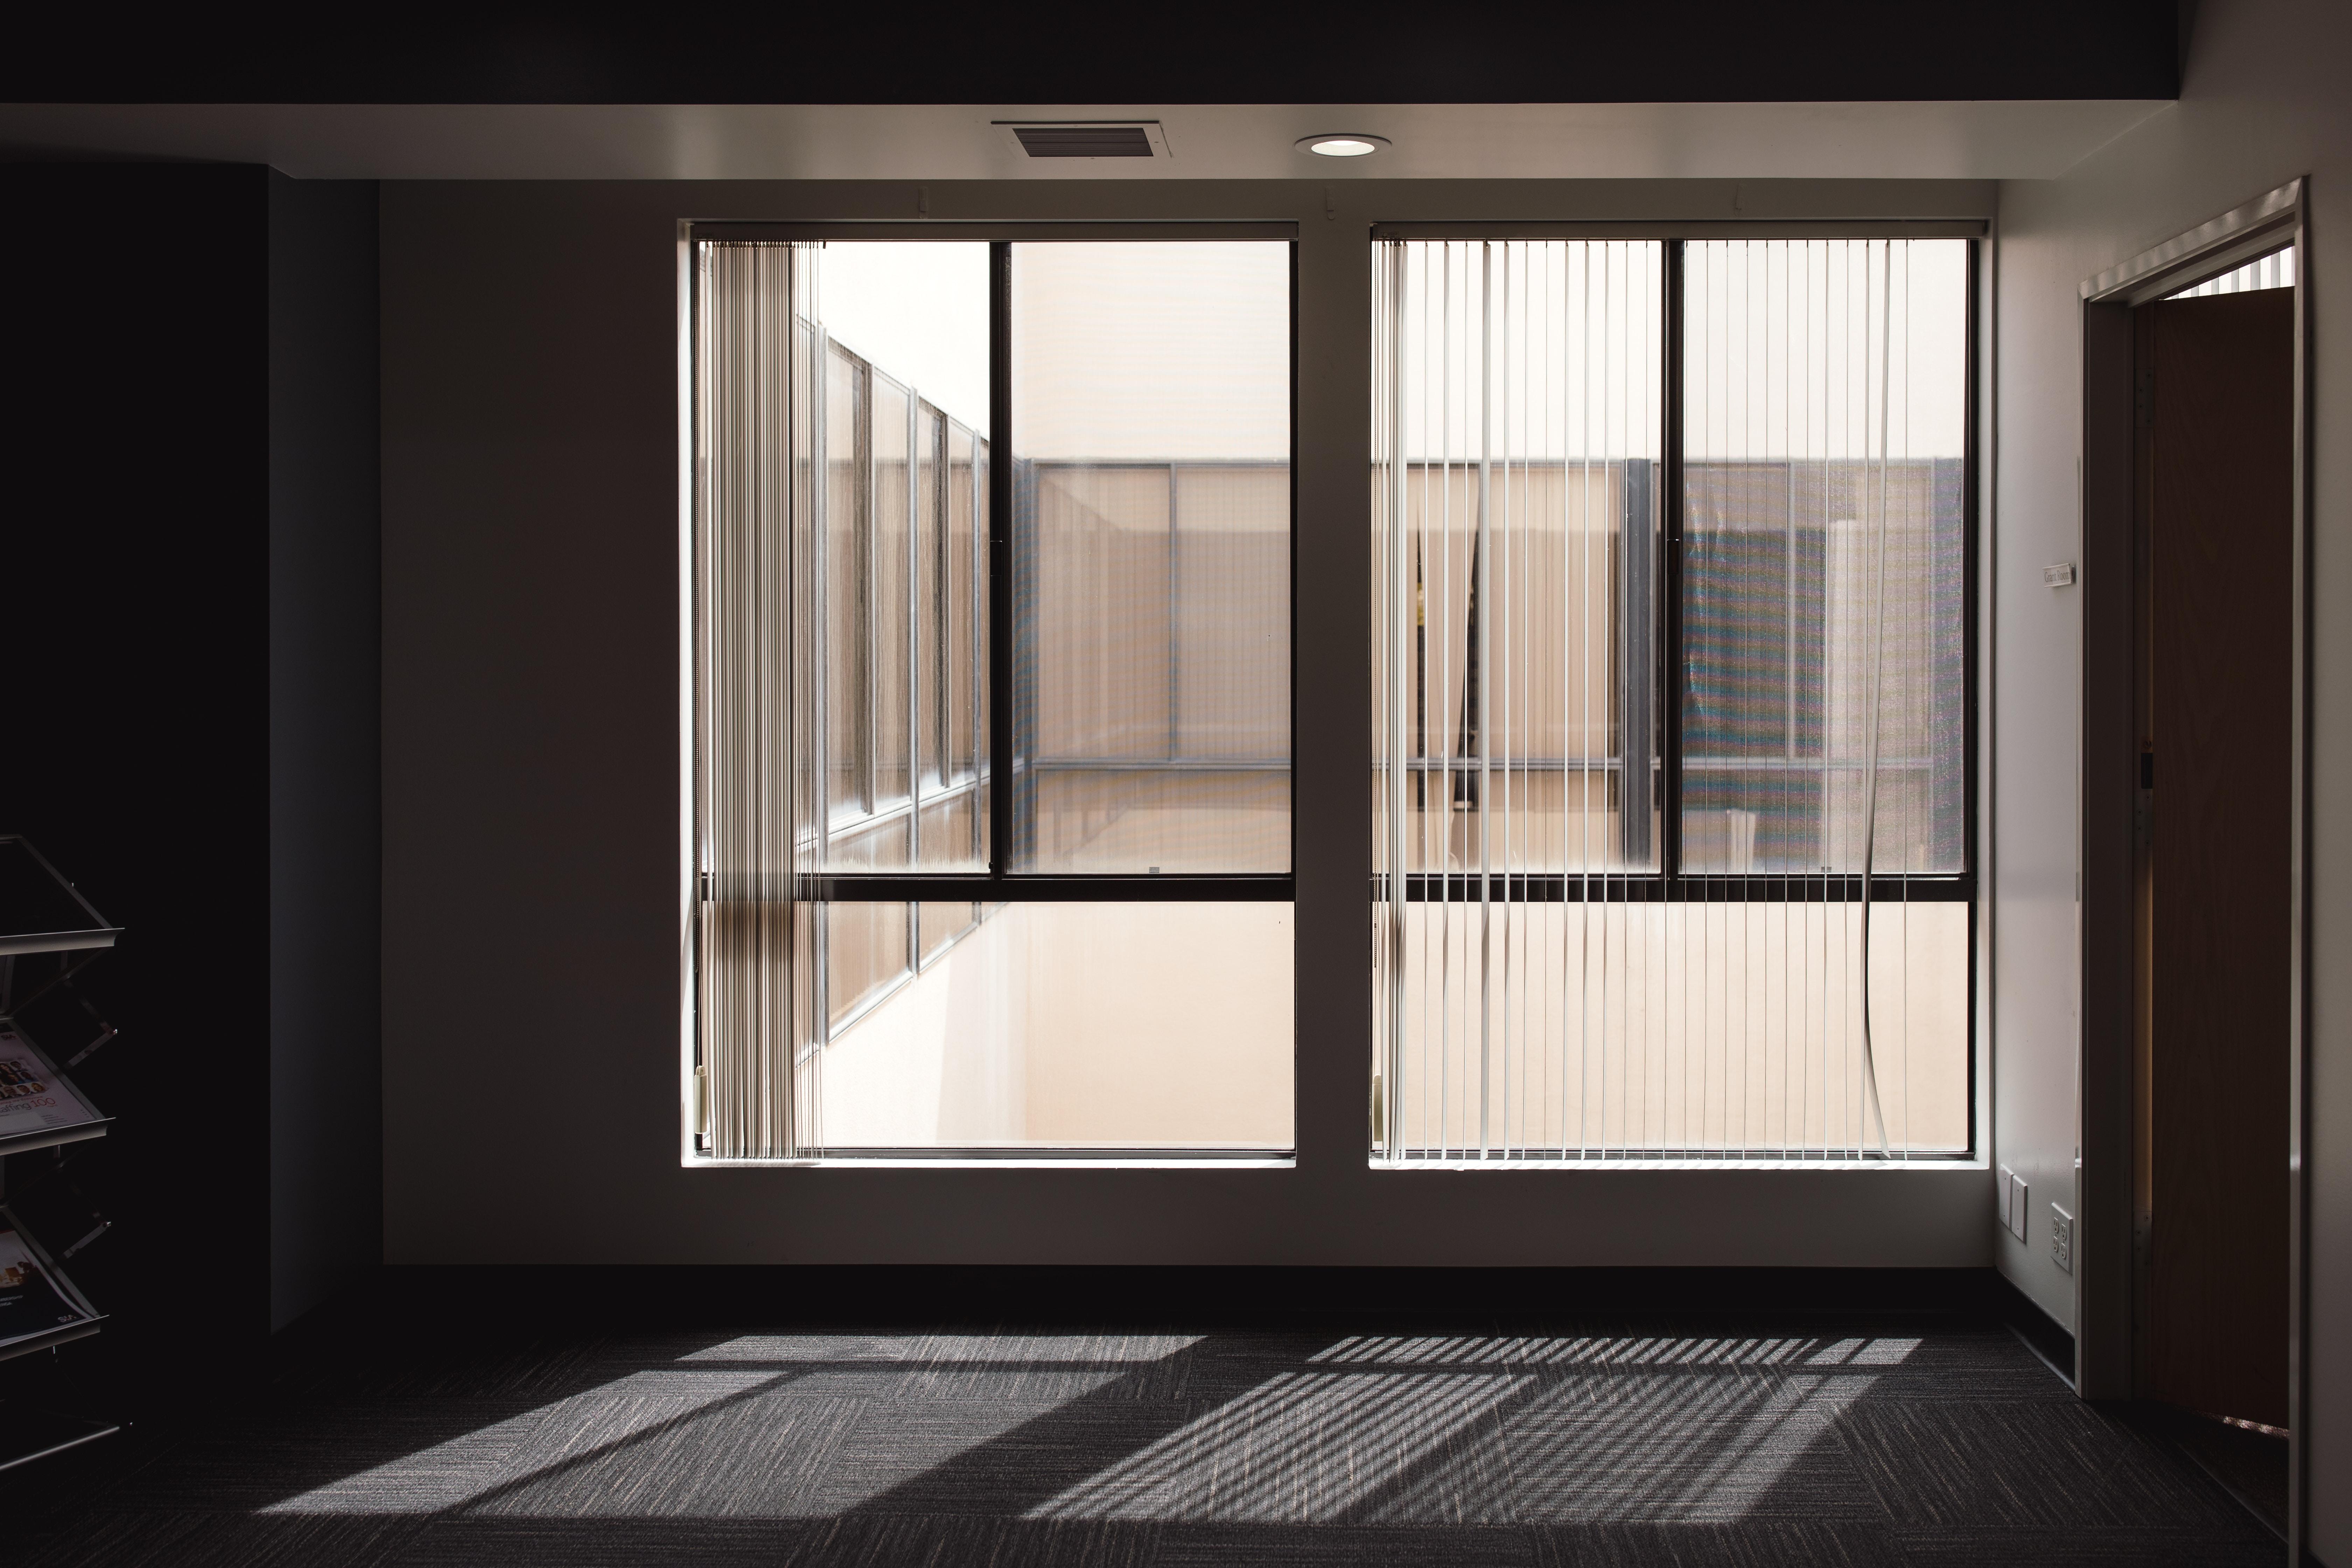 white wooden framed window inside room